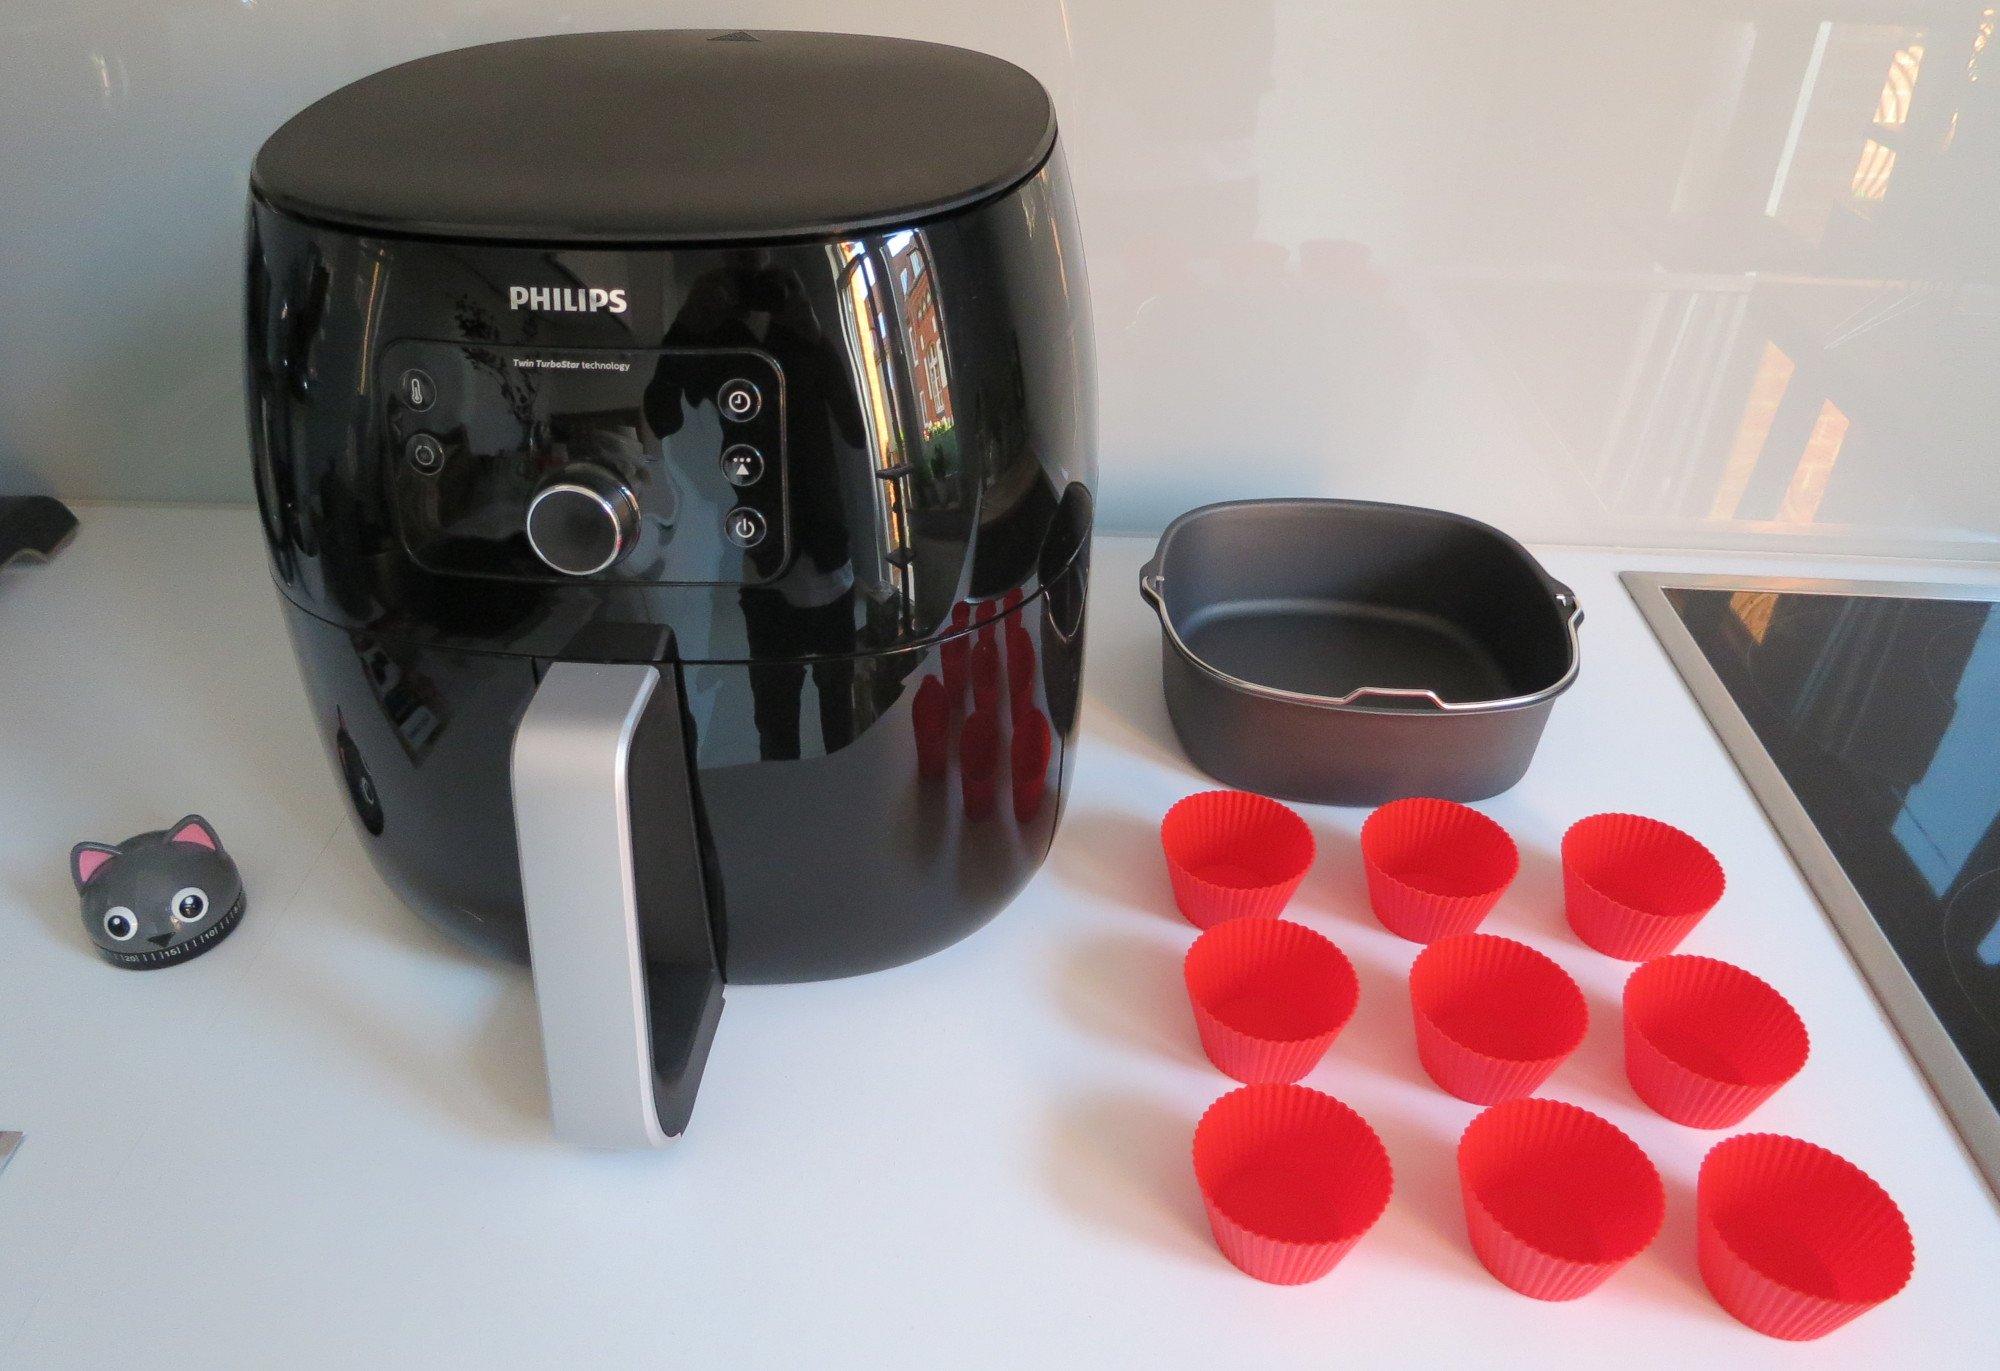 Das Back-Kit für die Heißluftfritteuse Philips Airfryer XXL umfasst eine 20er-Backform und neun Muffinförmchen aus Silikon (Bild: Peter Giesecke)